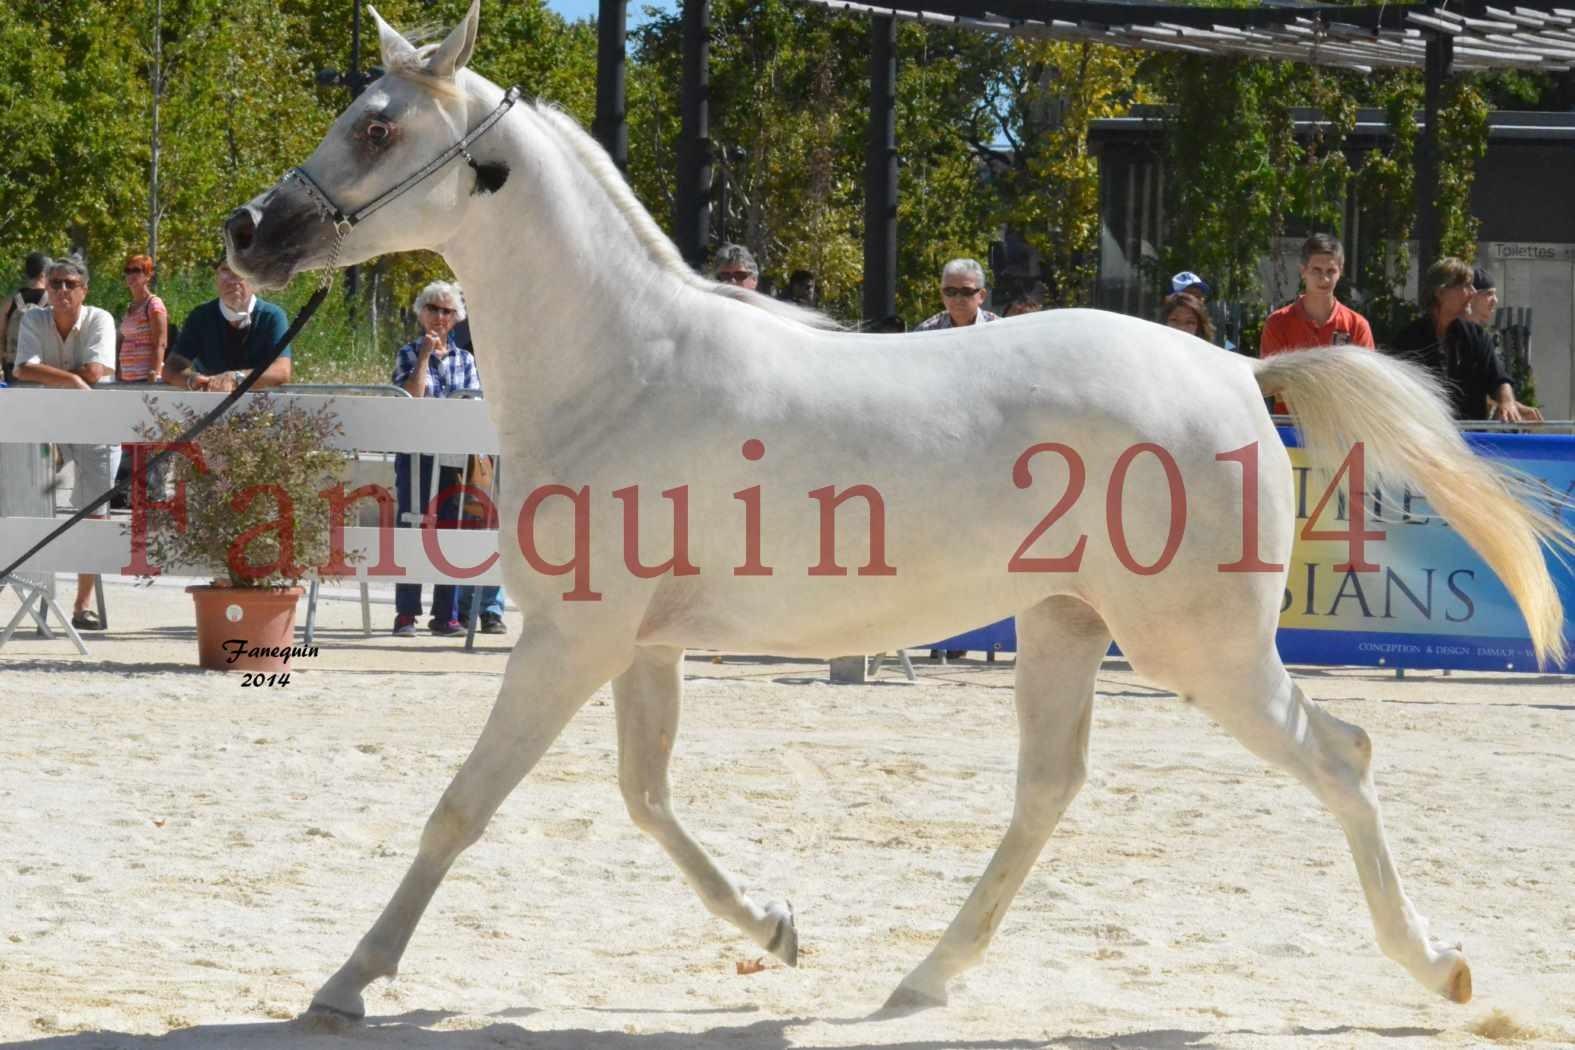 Concours National de Nîmes de chevaux ARABES 2014 - ENVY ETERNITY - 10